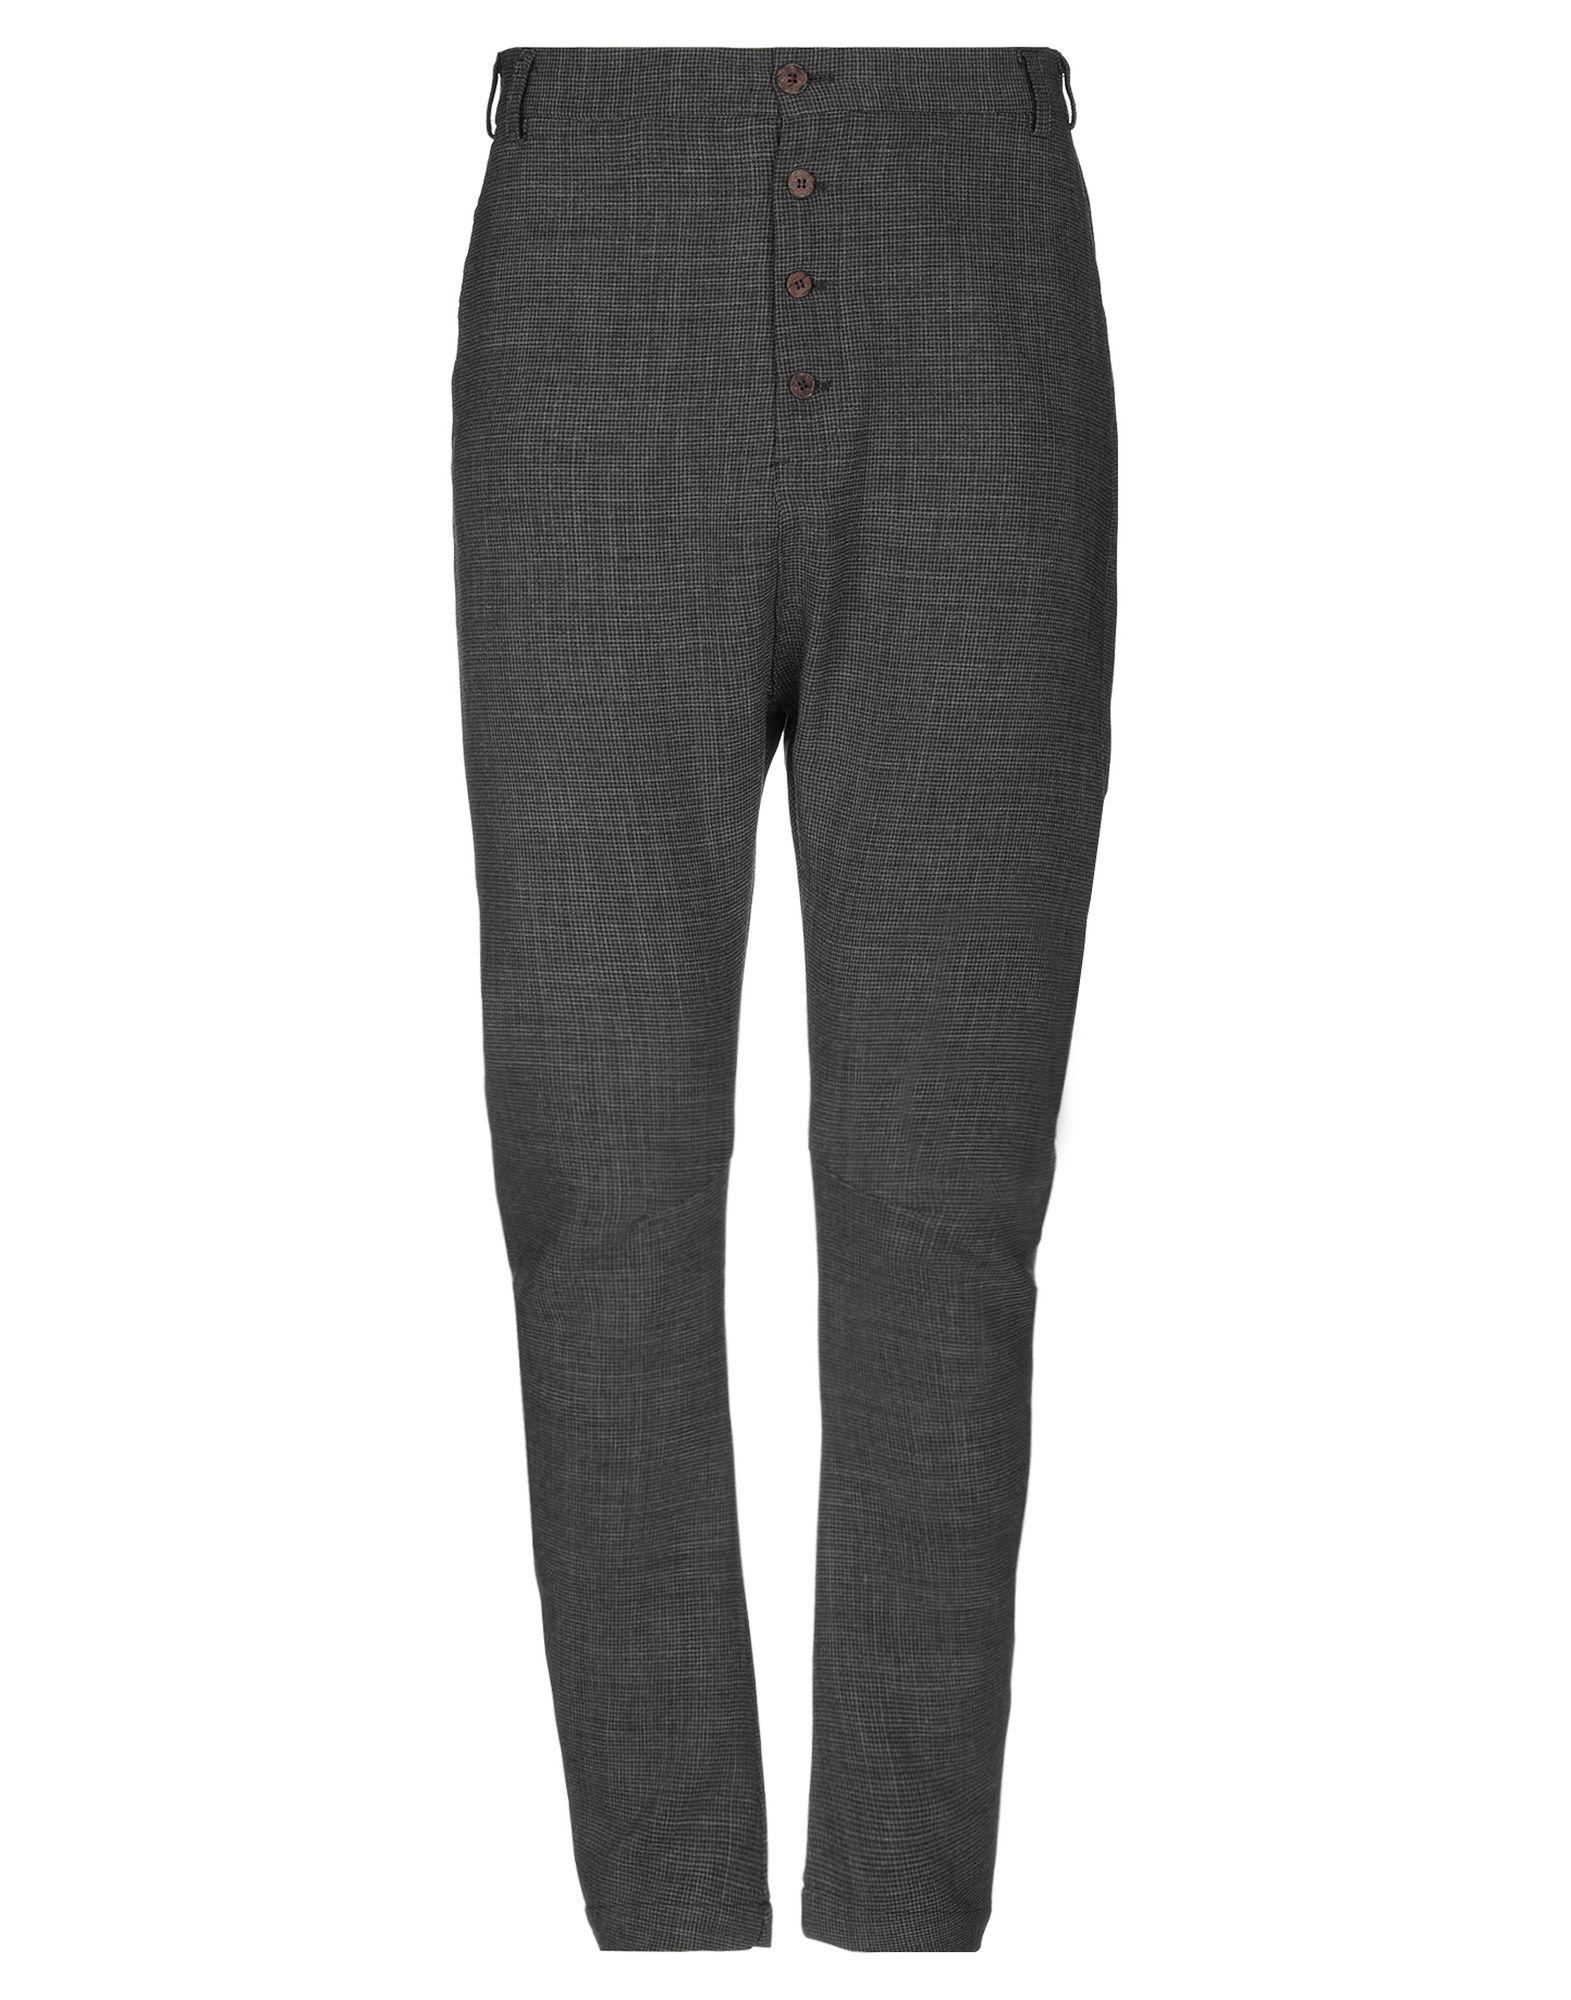 купить KOON Повседневные брюки по цене 3400 рублей